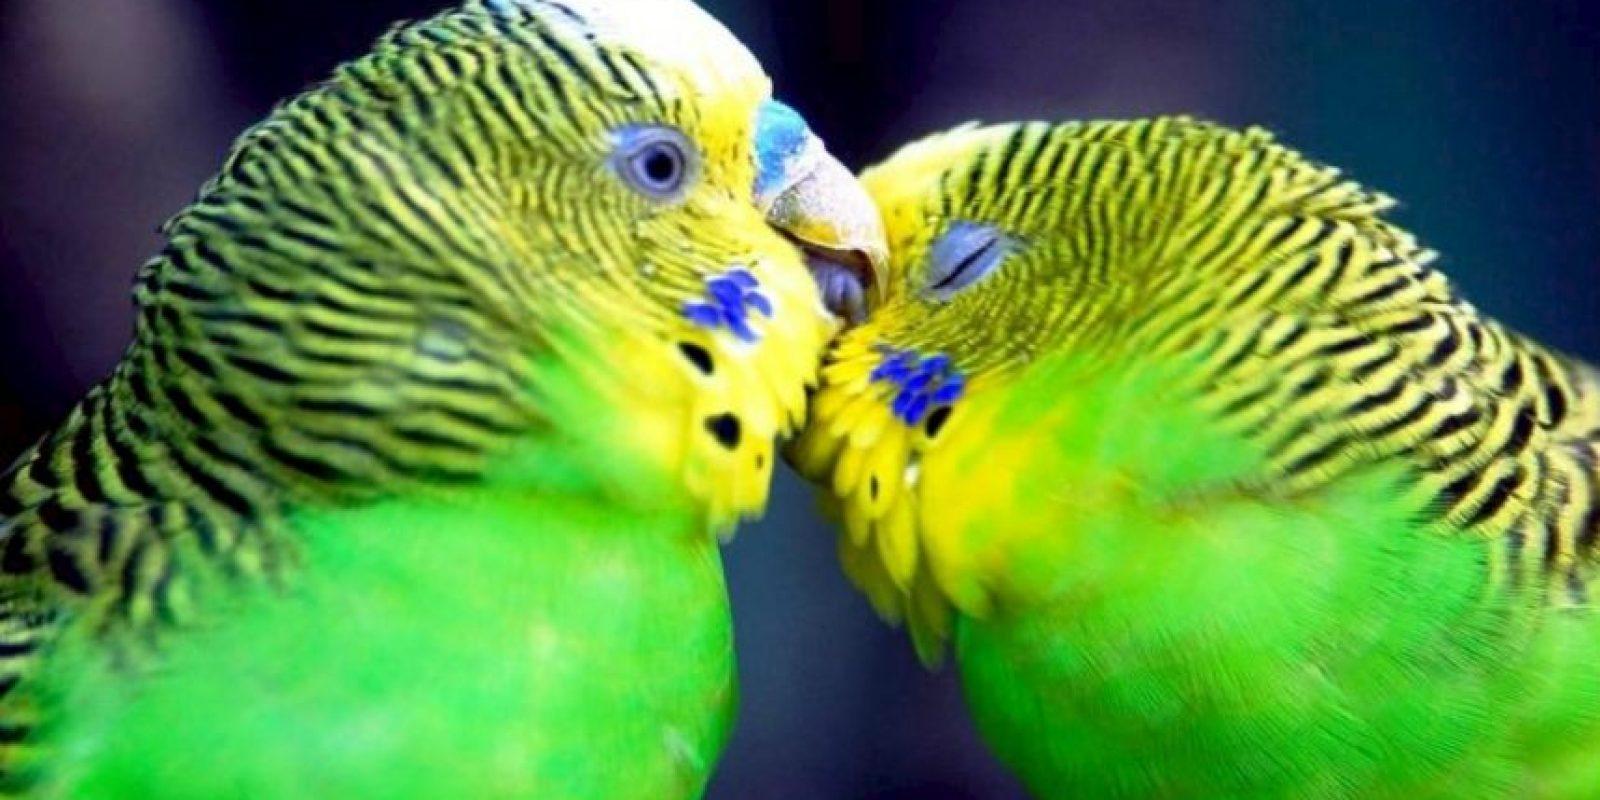 Se componen de alrededor de 120 especies con muchos tipos de sub-especies. Se cree que John Gould, un naturalista y miembro de la Sociedad Zoológica de Londres, trajo el periquito de Australia a Europa en la primera década de 1800. Foto:Flickr